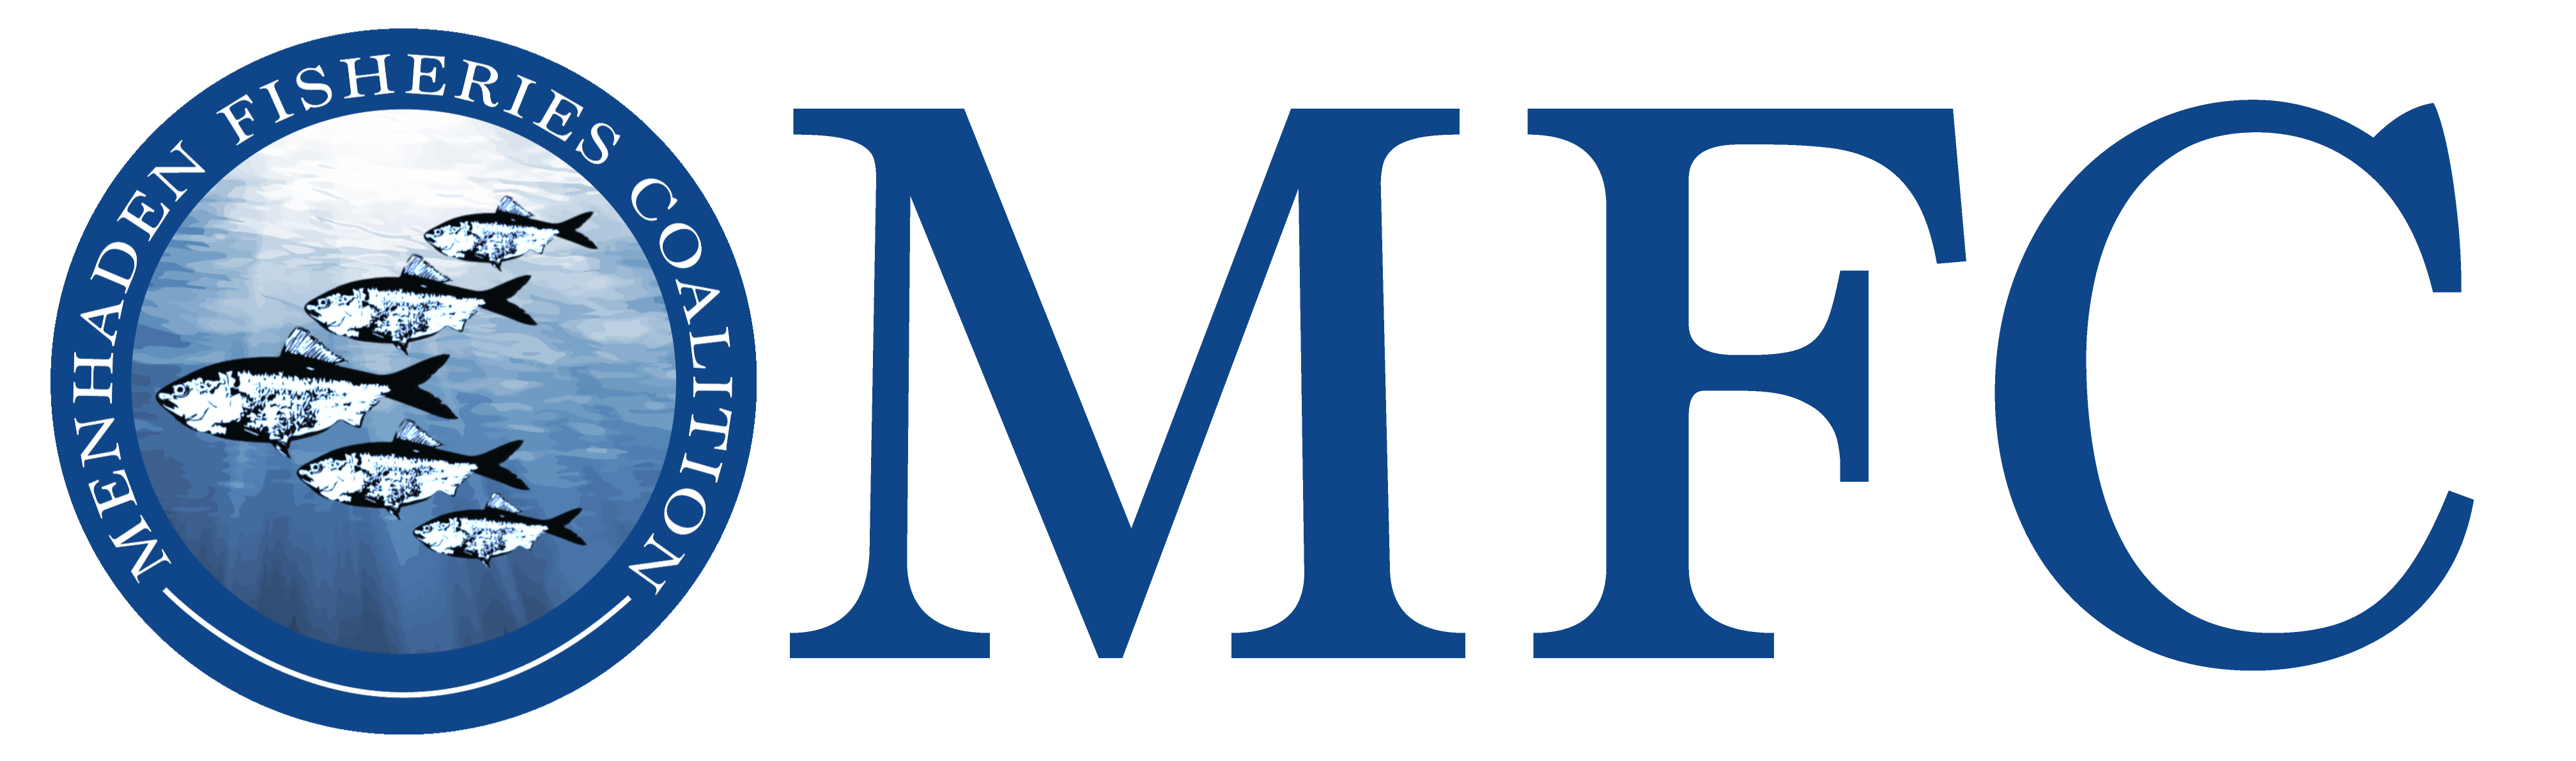 Menhaden Fisheries Coalition